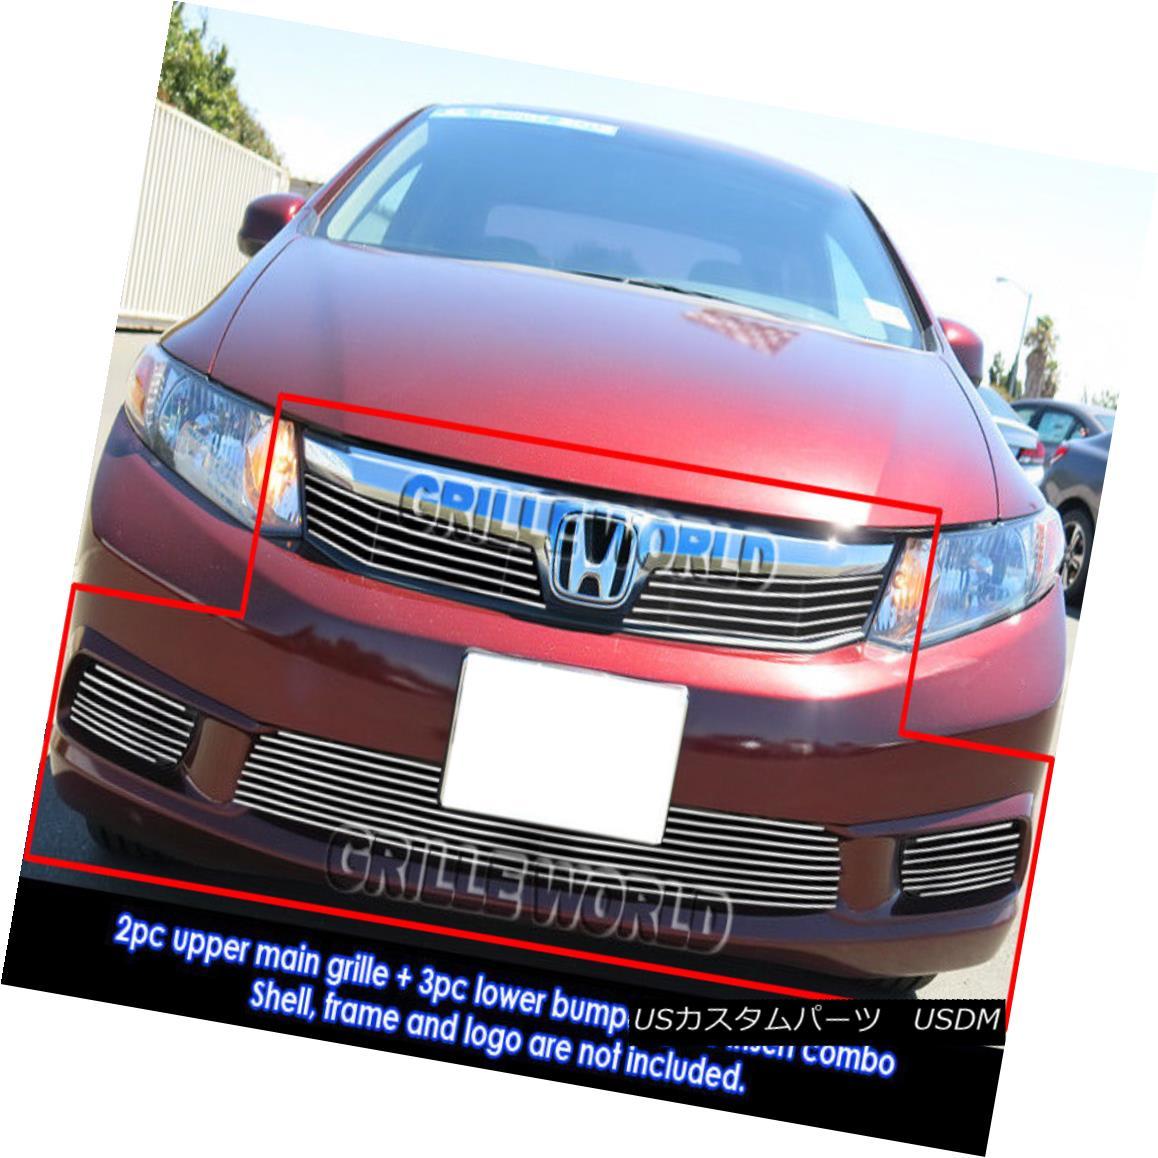 グリル For 2012 Honda Civic Sedan Billet Grill Insert Combo 2012年ホンダシビックセダンビレットグリルインサートコンボ用